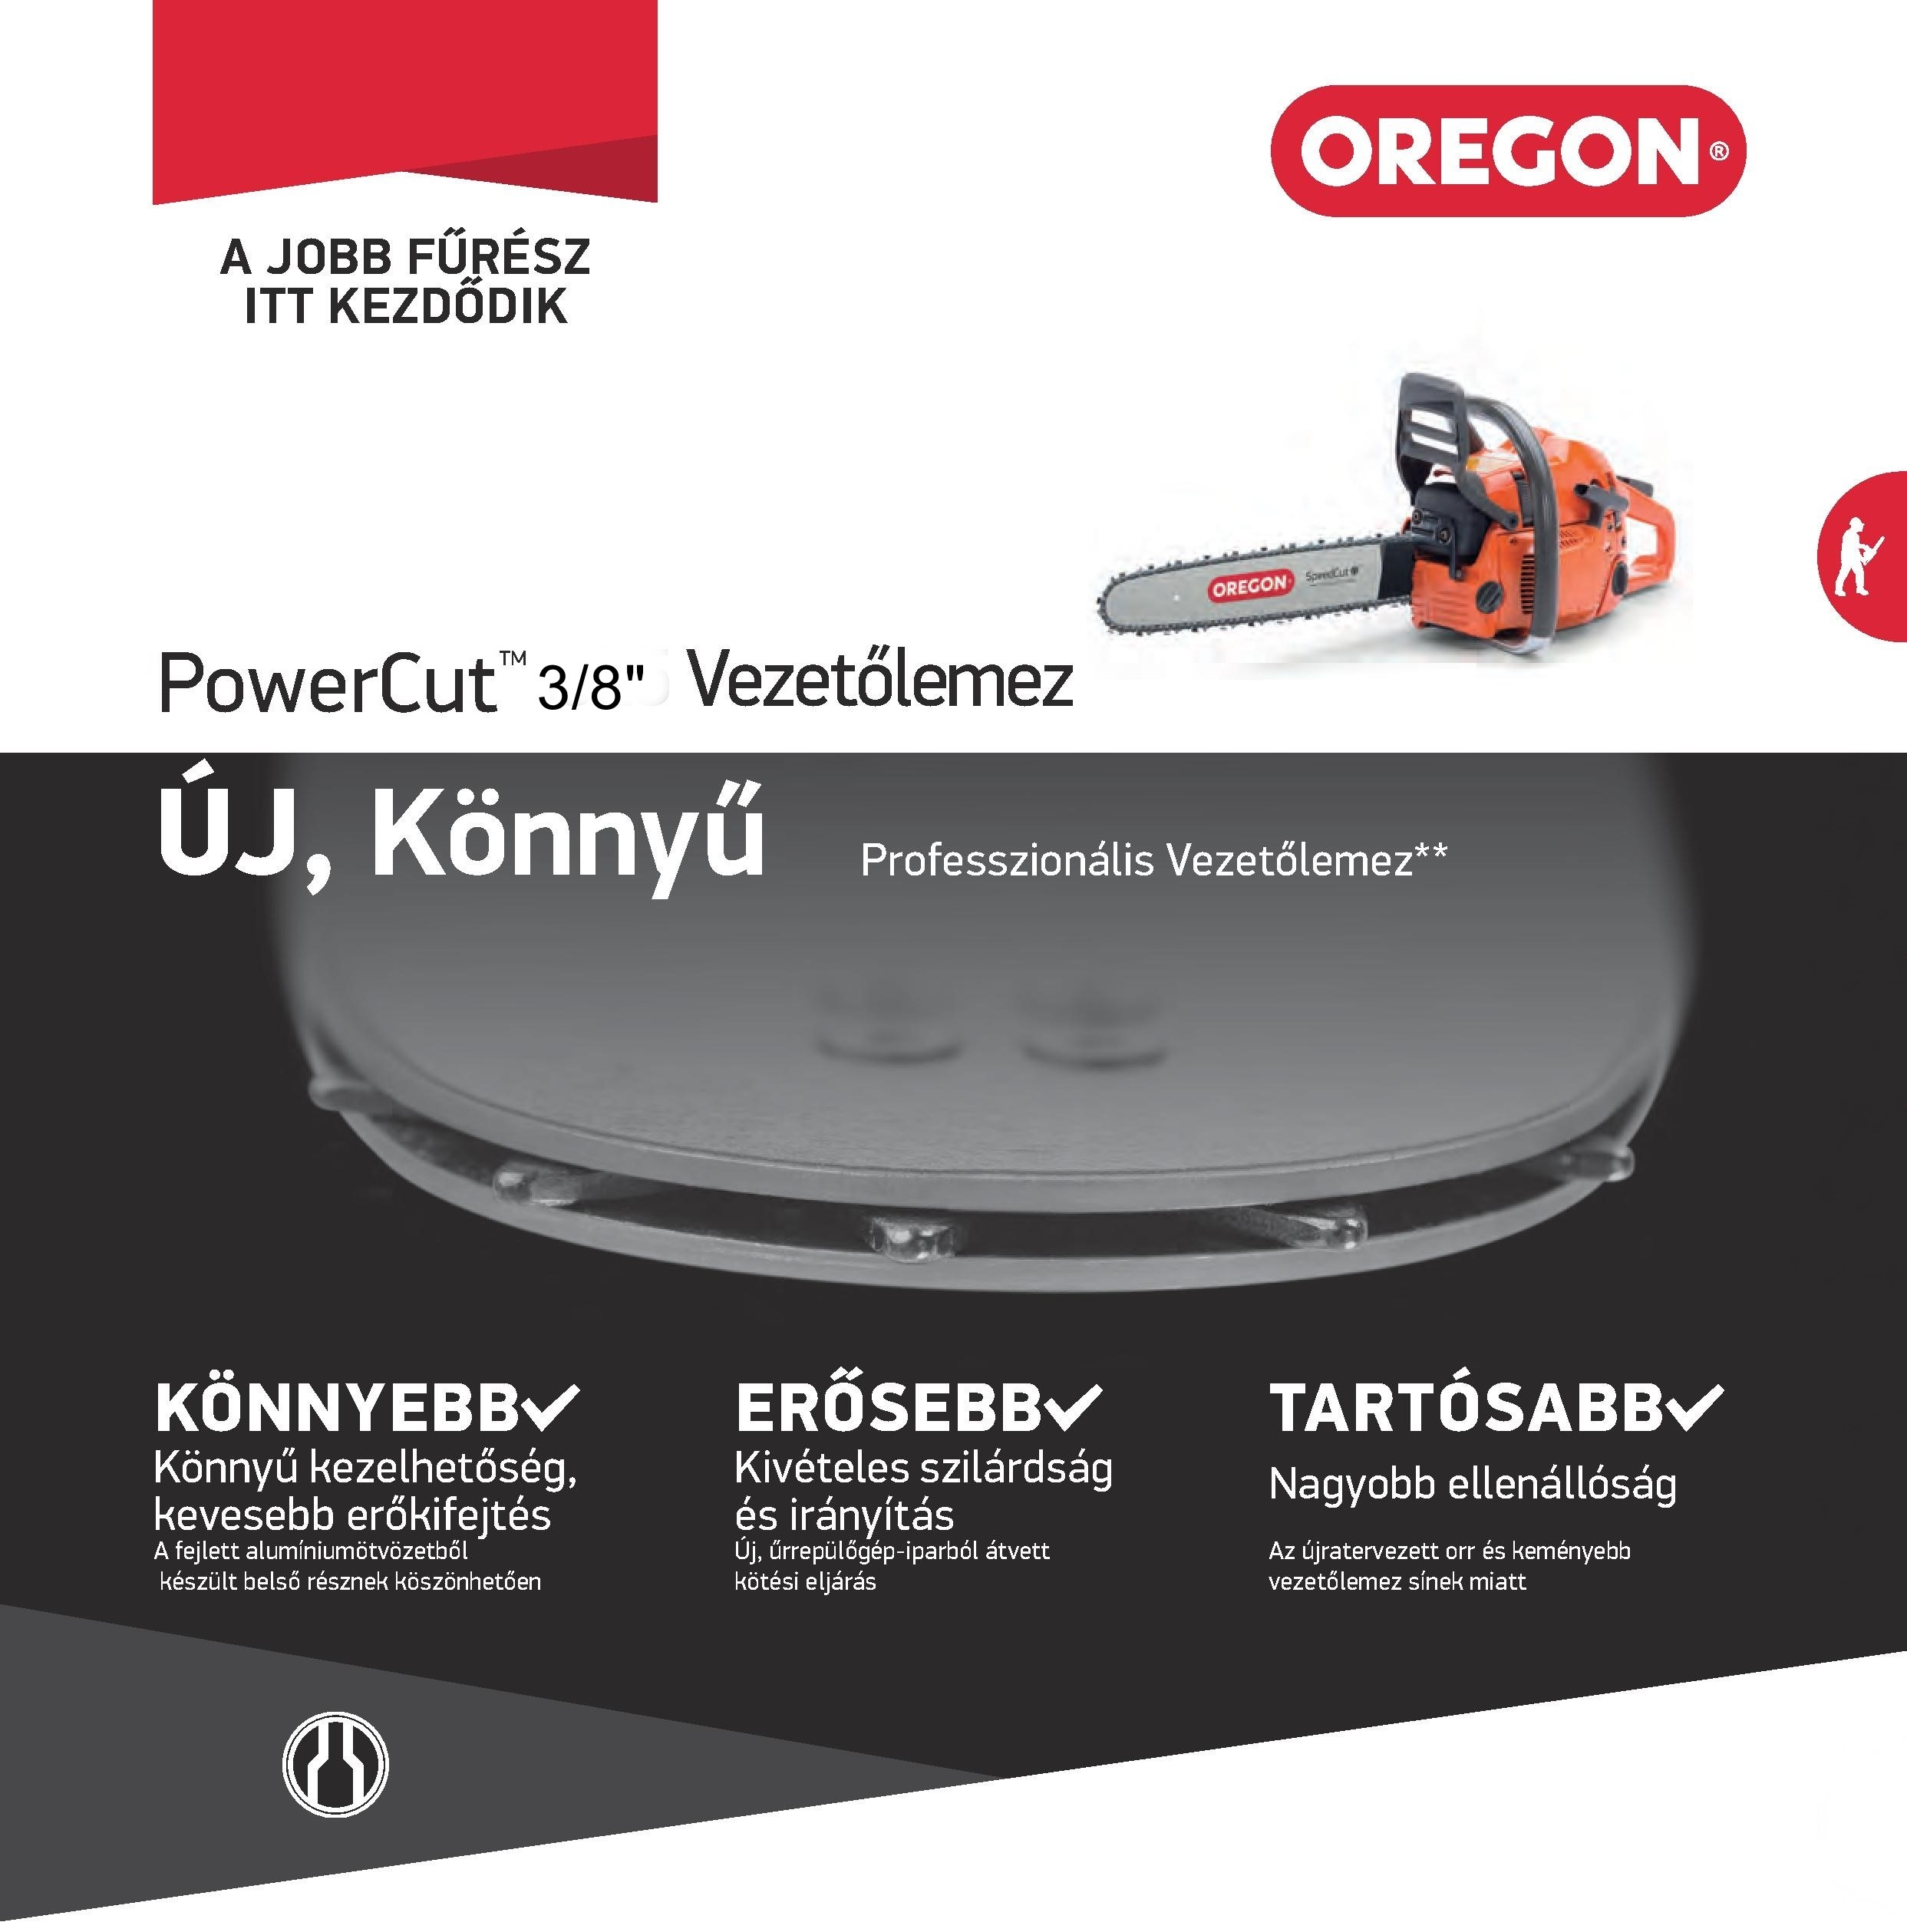 Oregon PowerCut vezetőlemez 283RNDD025